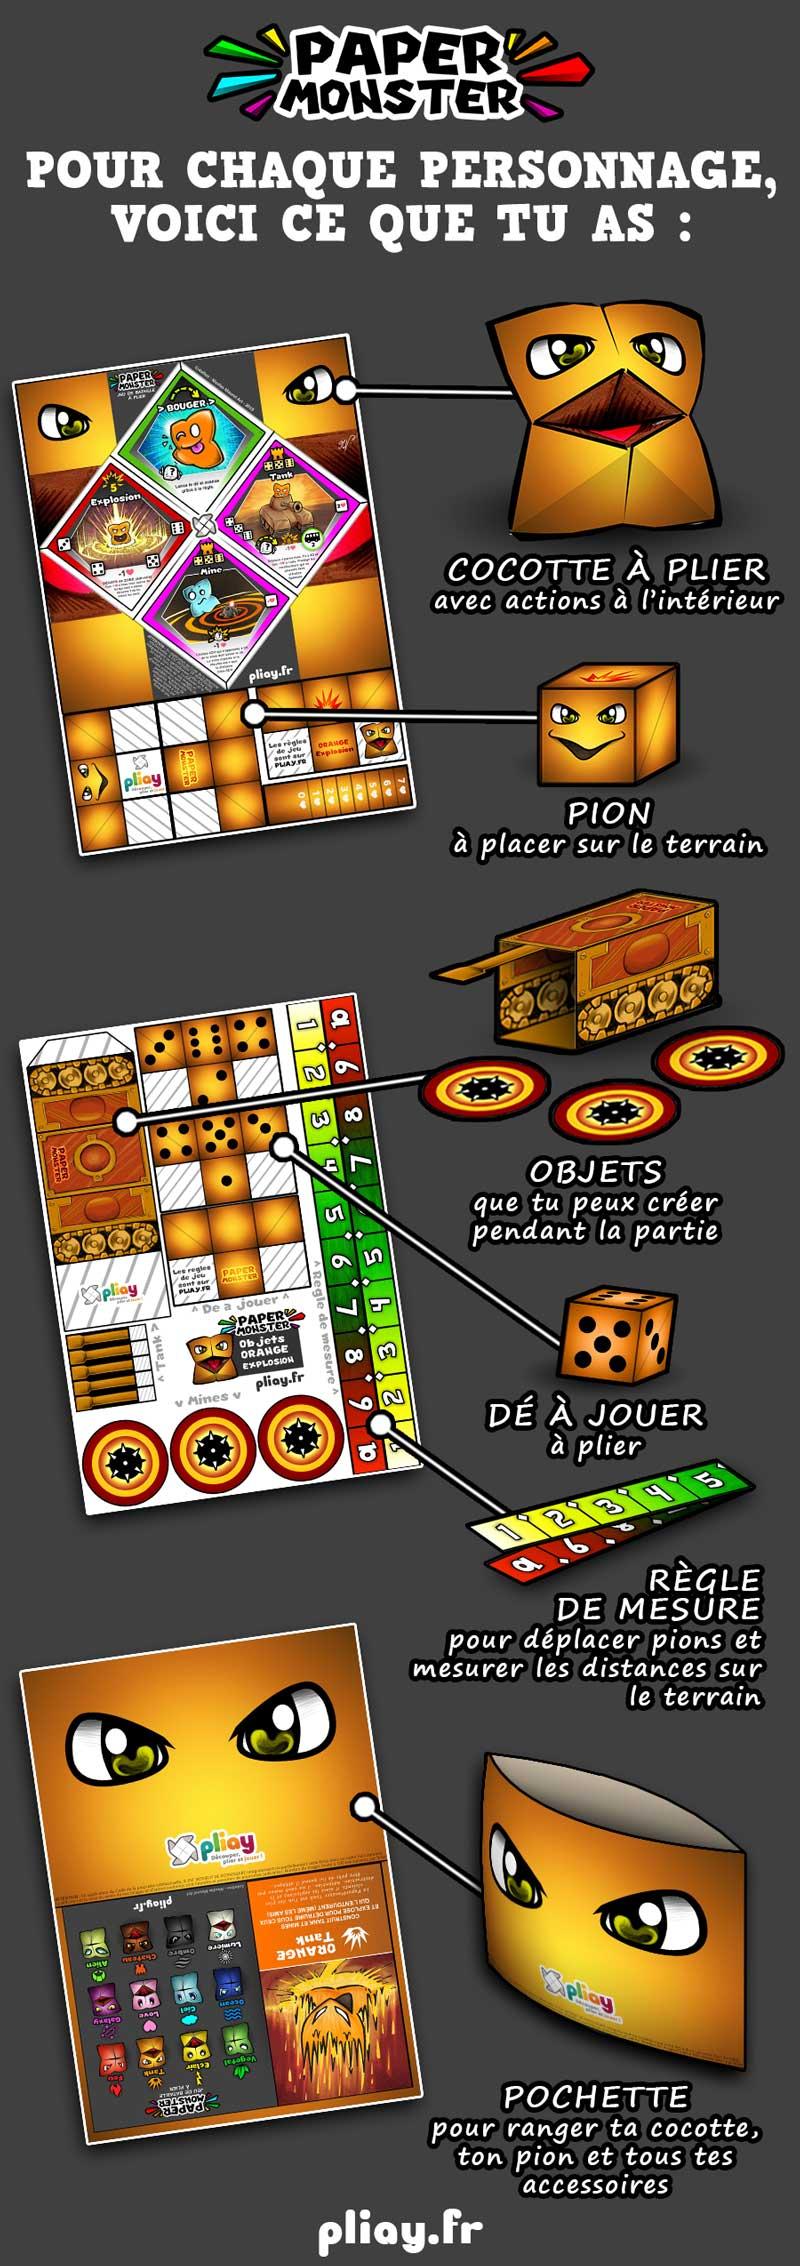 Objets compris dans le jeu PaperMonsters